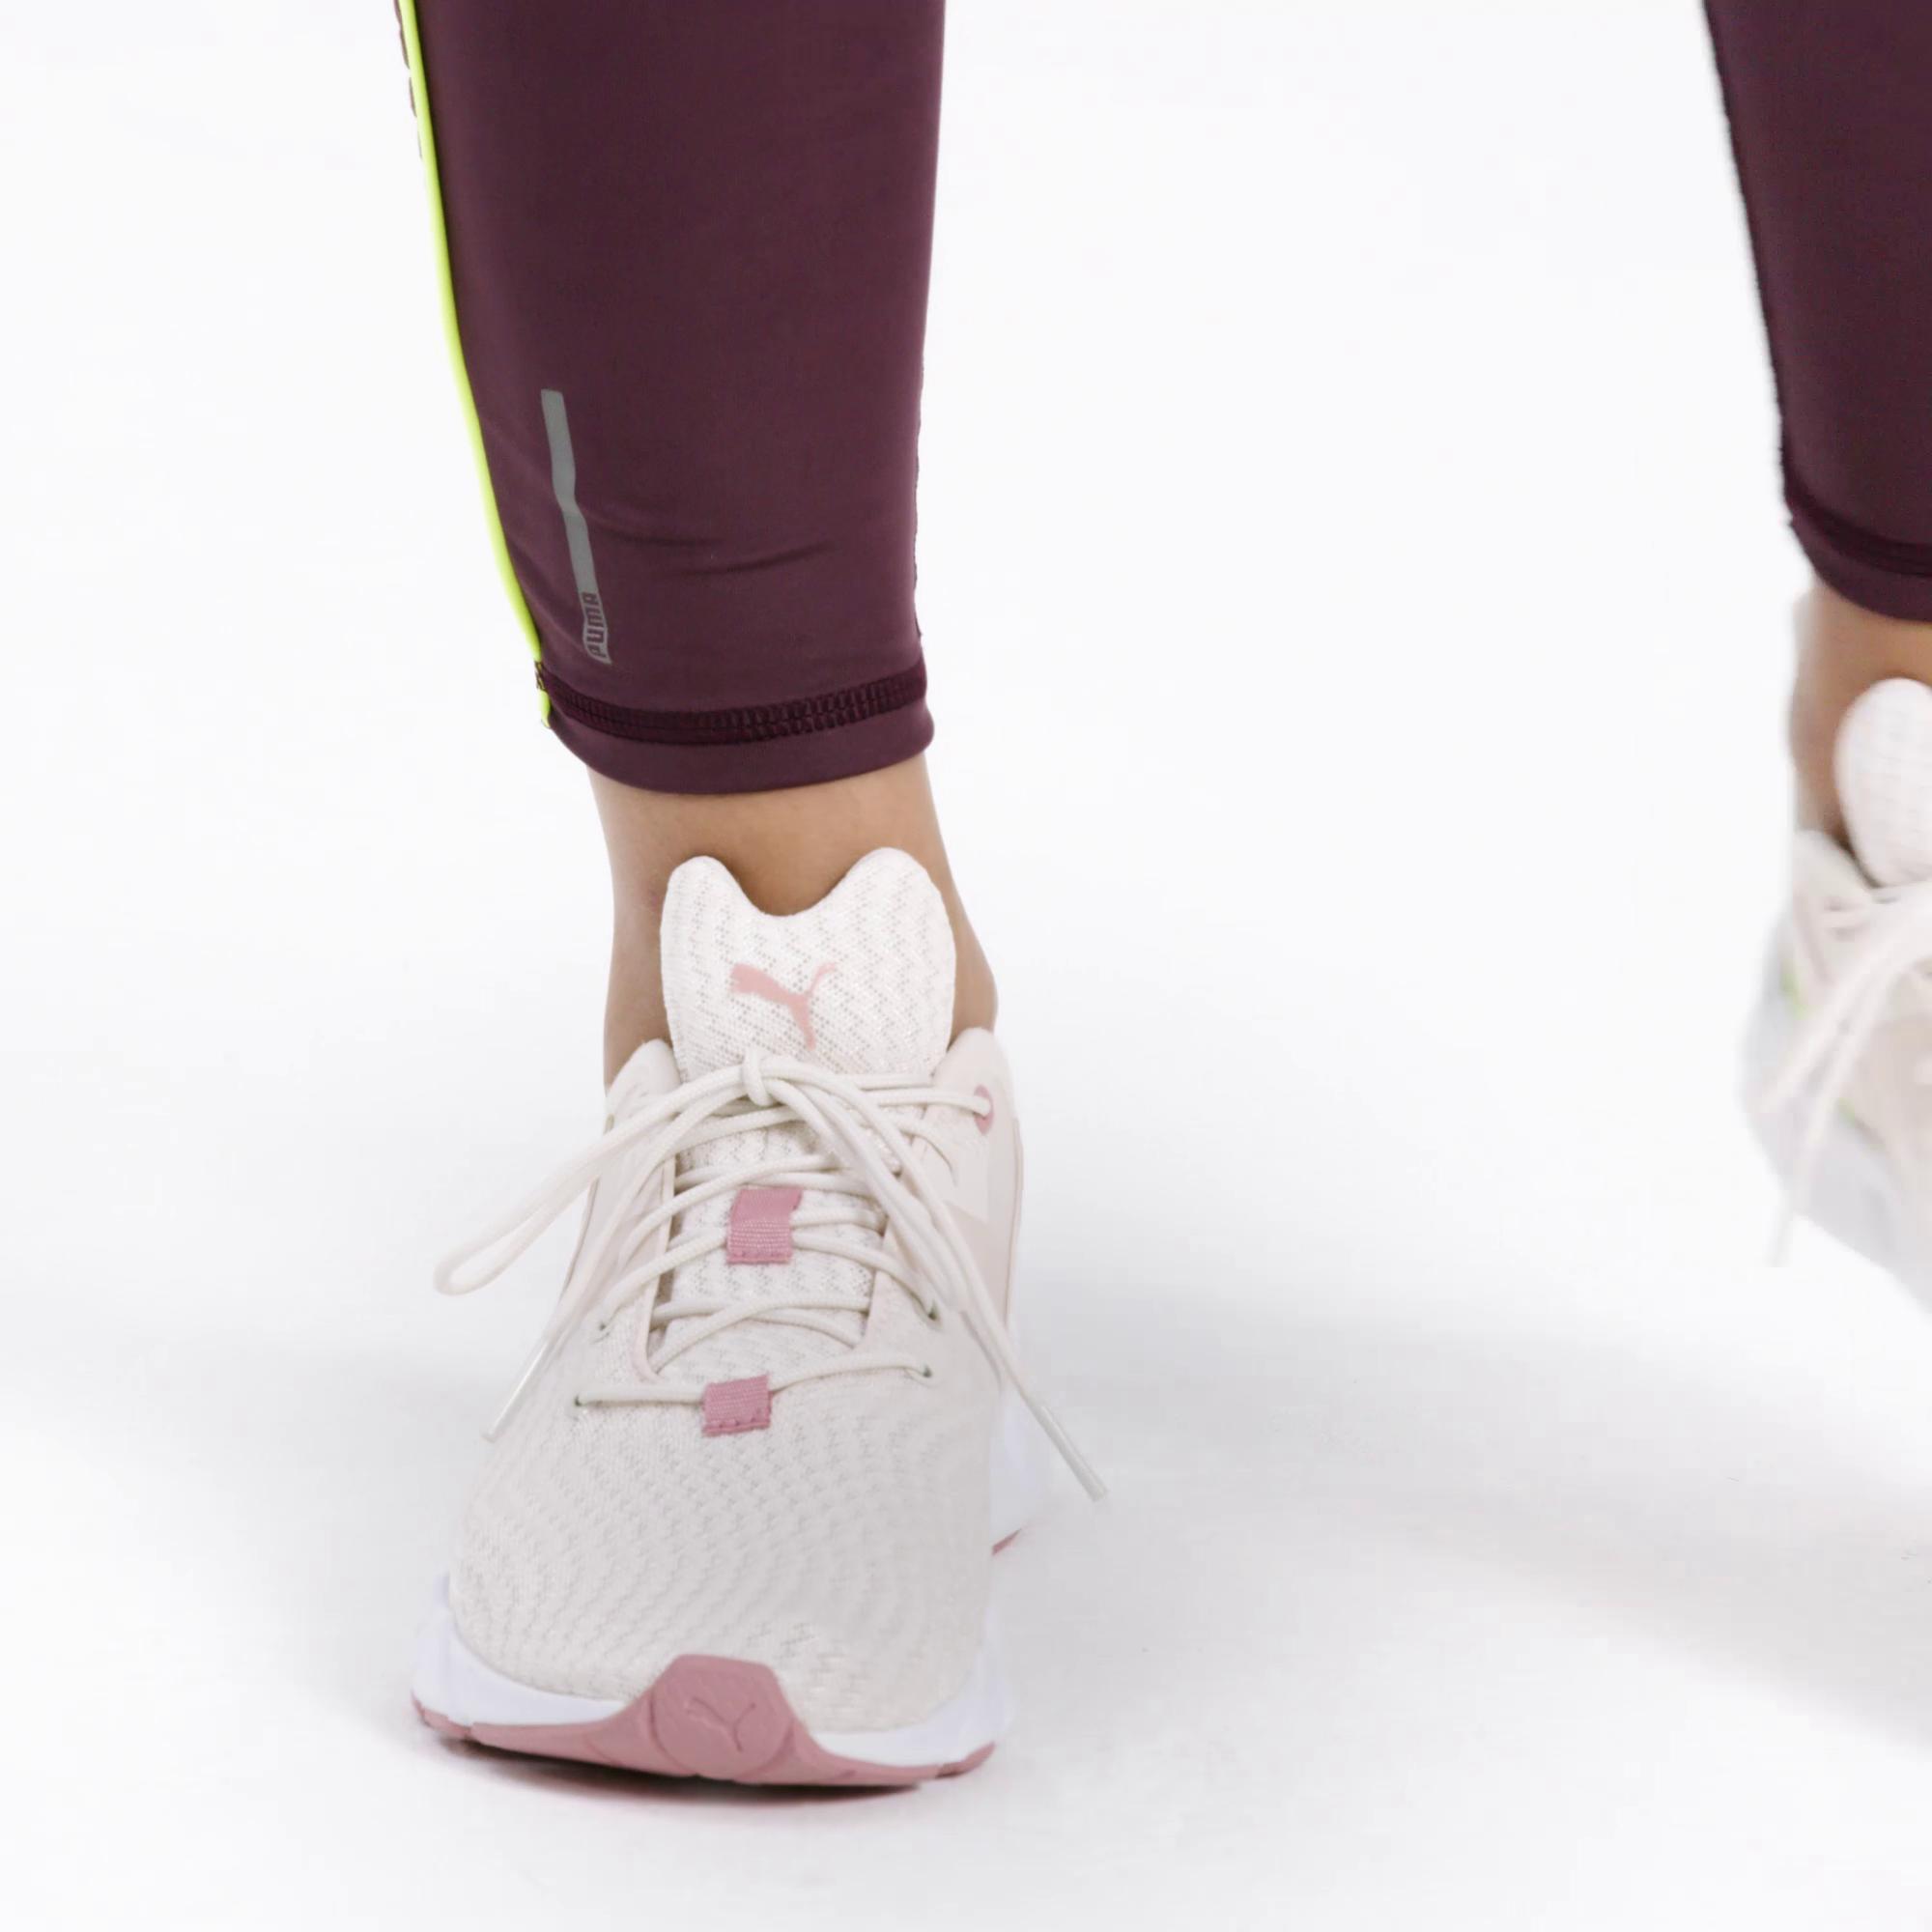 Görüntü Puma Weave XT SHIFT Kadın Antrenman Ayakkabısı #8